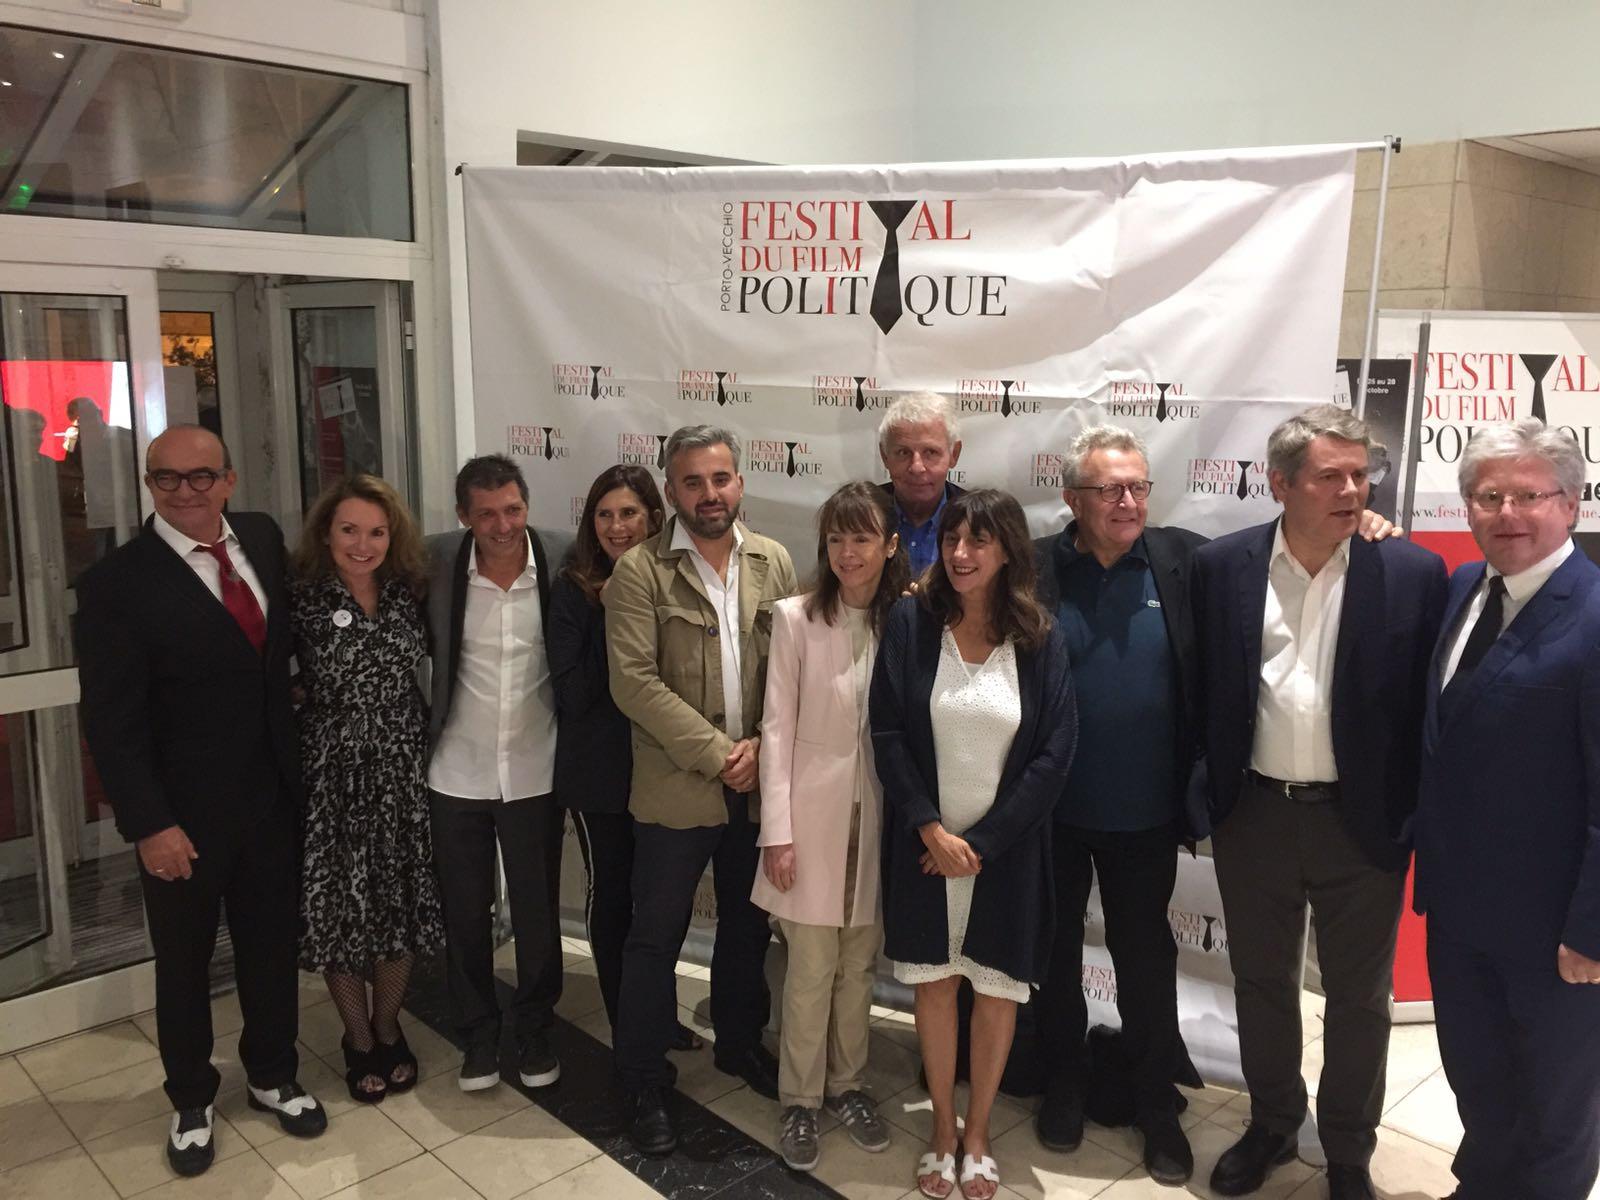 Festival du Film Politique